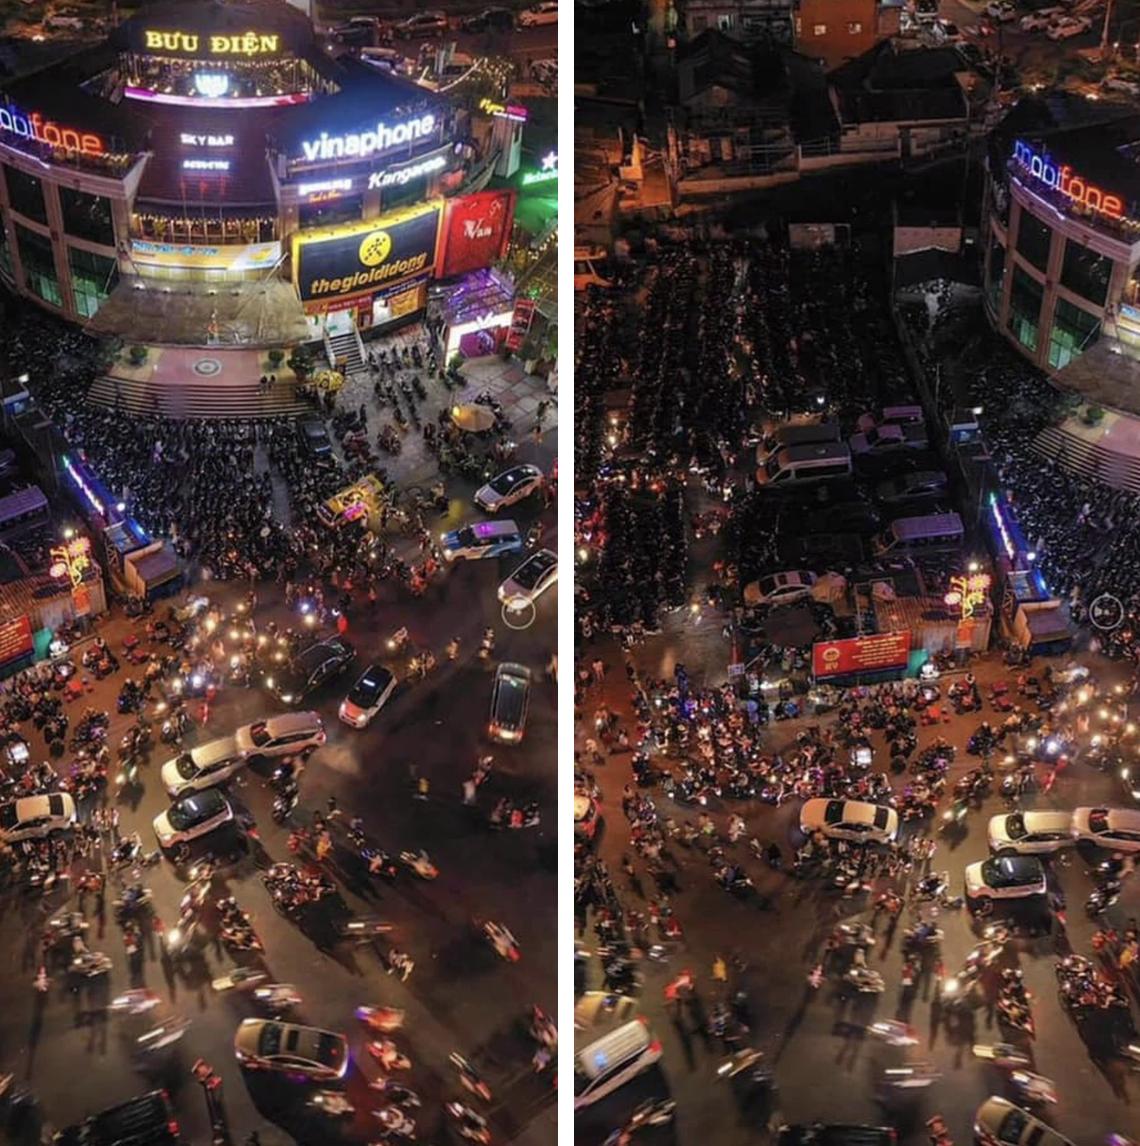 Khách du lịch báo động tình trạng móc túi ở chợ đêm Đà Lạt: Thủ đoạn tinh vi, chỉ tia ai xài iPhone mới trộm! - Ảnh 1.